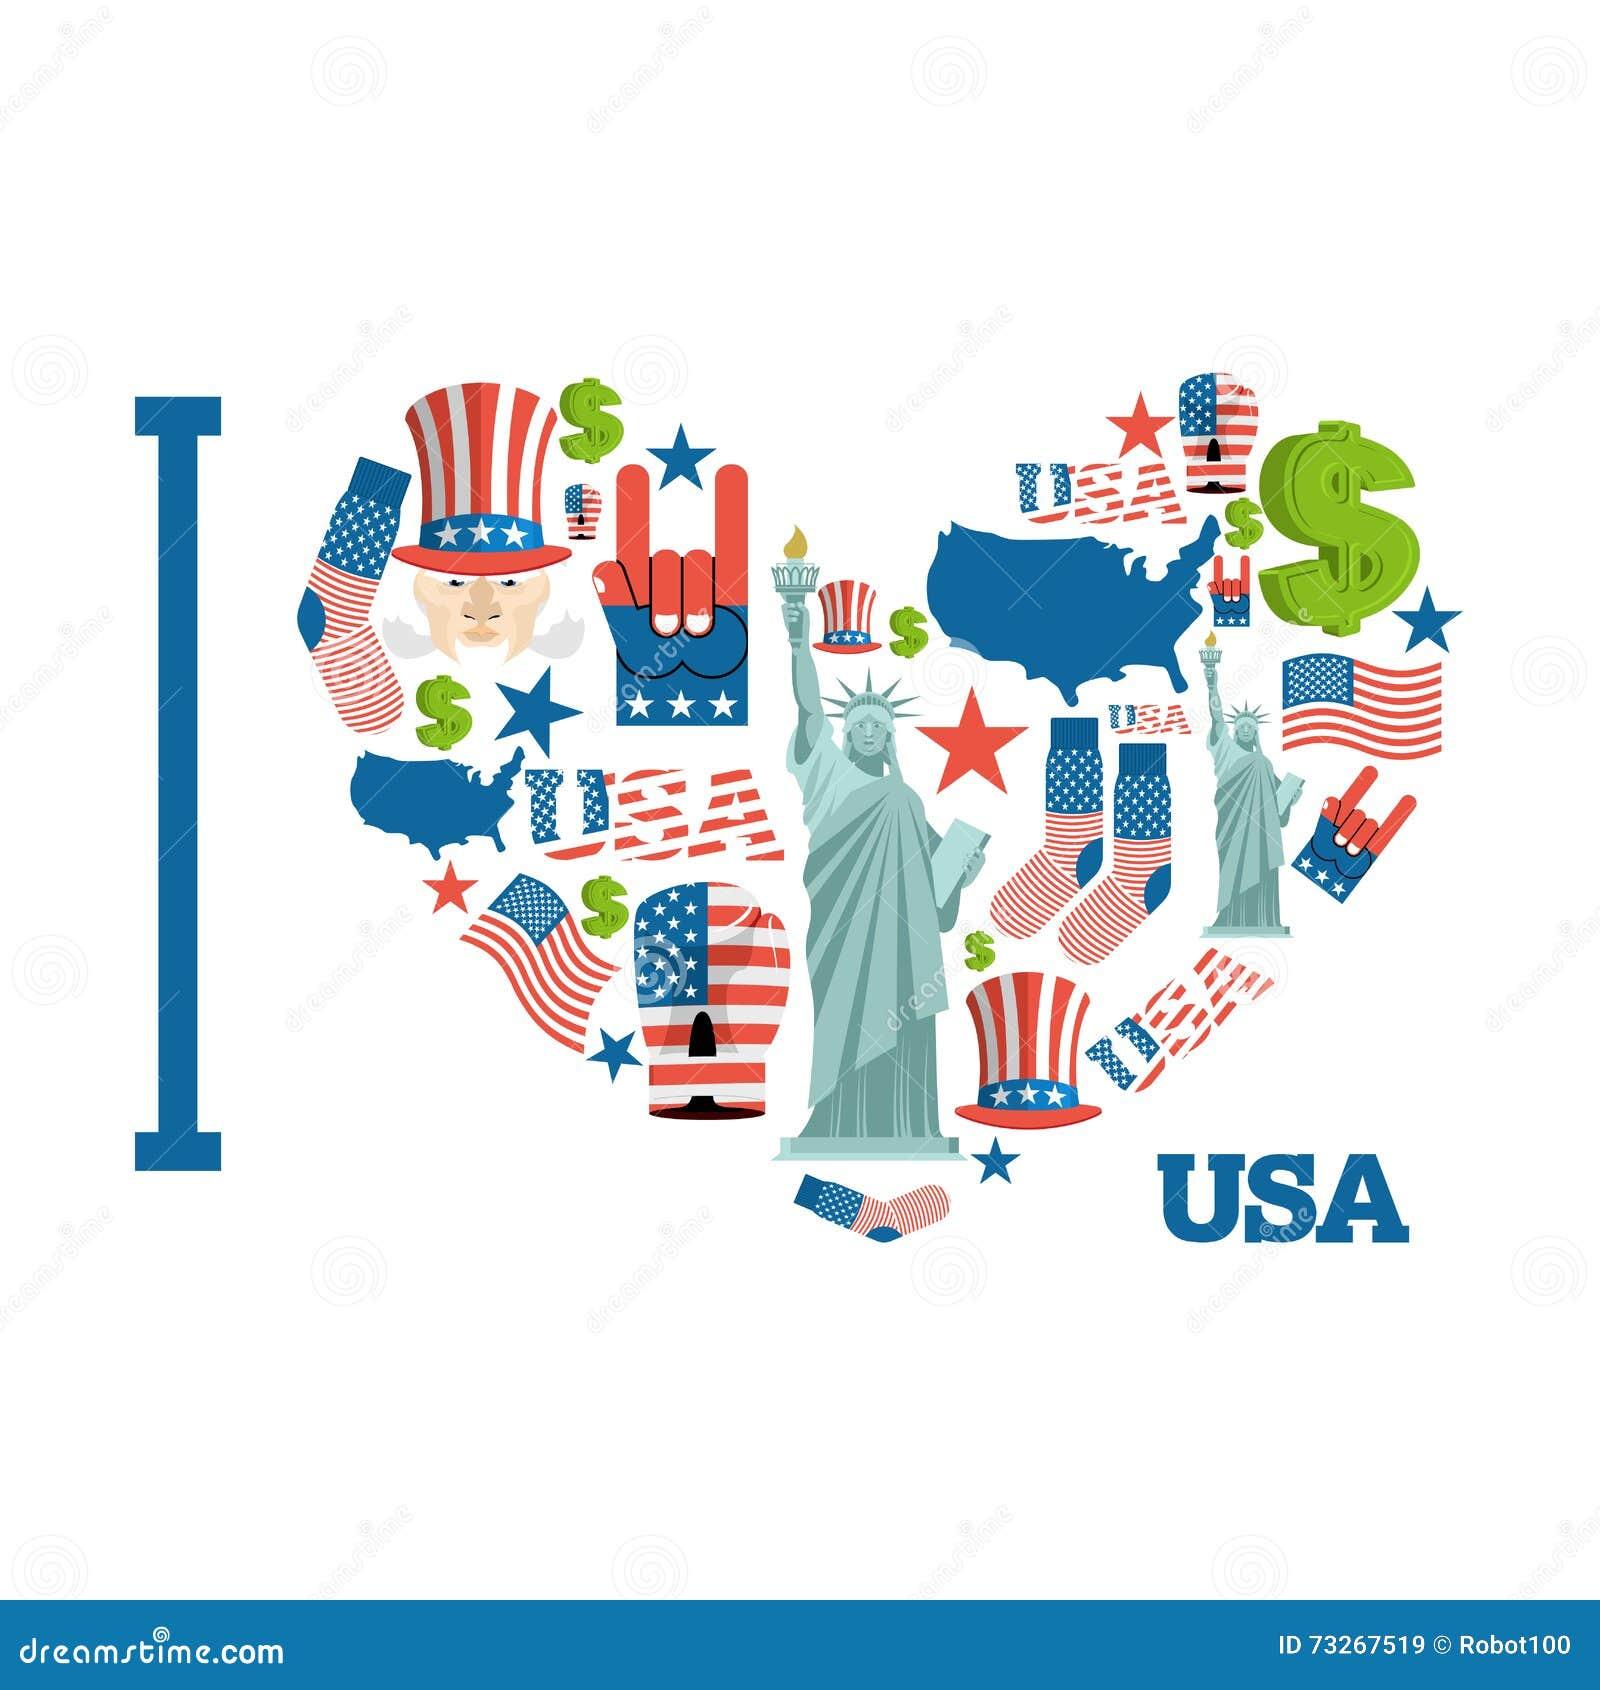 Ich Liebe Amerika!